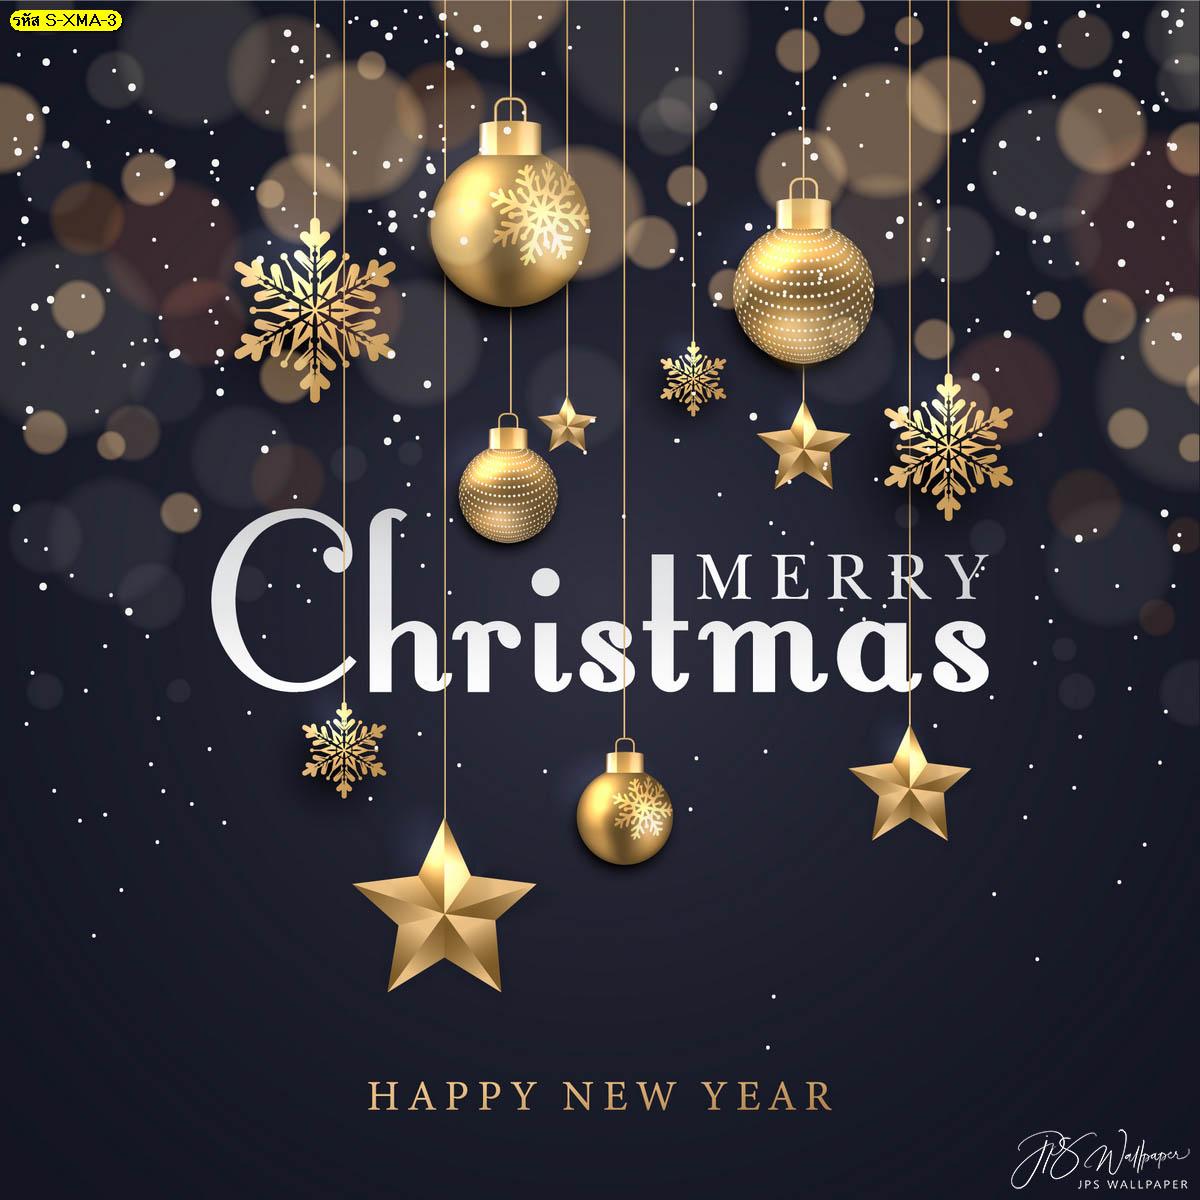 วอลเปเปอร์ลูกบอลคริสต์มาสและดาวตกแต่ง ของแต่งบ้านวันคริสต์มาส สุขสันต์วันปีใหม่